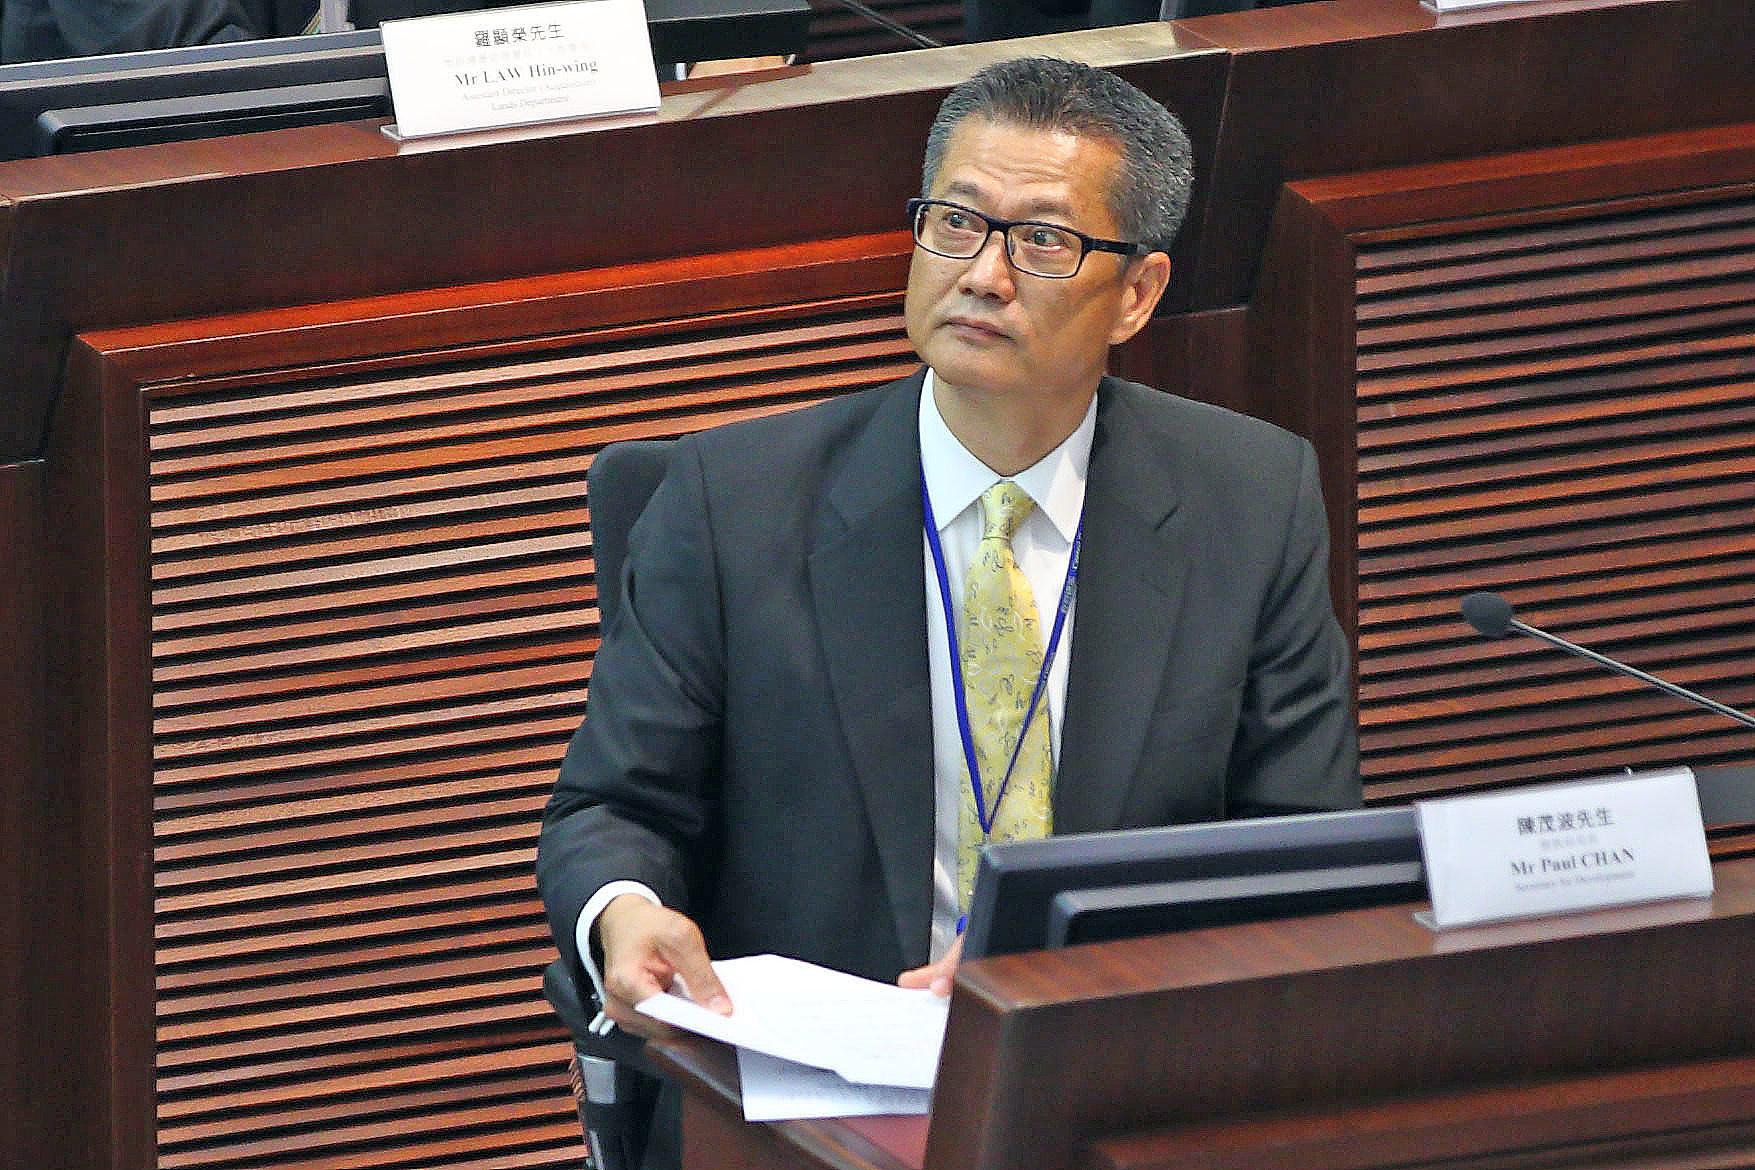 發展局局長陳茂波亦出現在「巴哈馬文件」之中,有關文件公佈他曾持有一間在當地註冊的離岸公司,同時亦披露公司架構。(大紀元資料圖片)